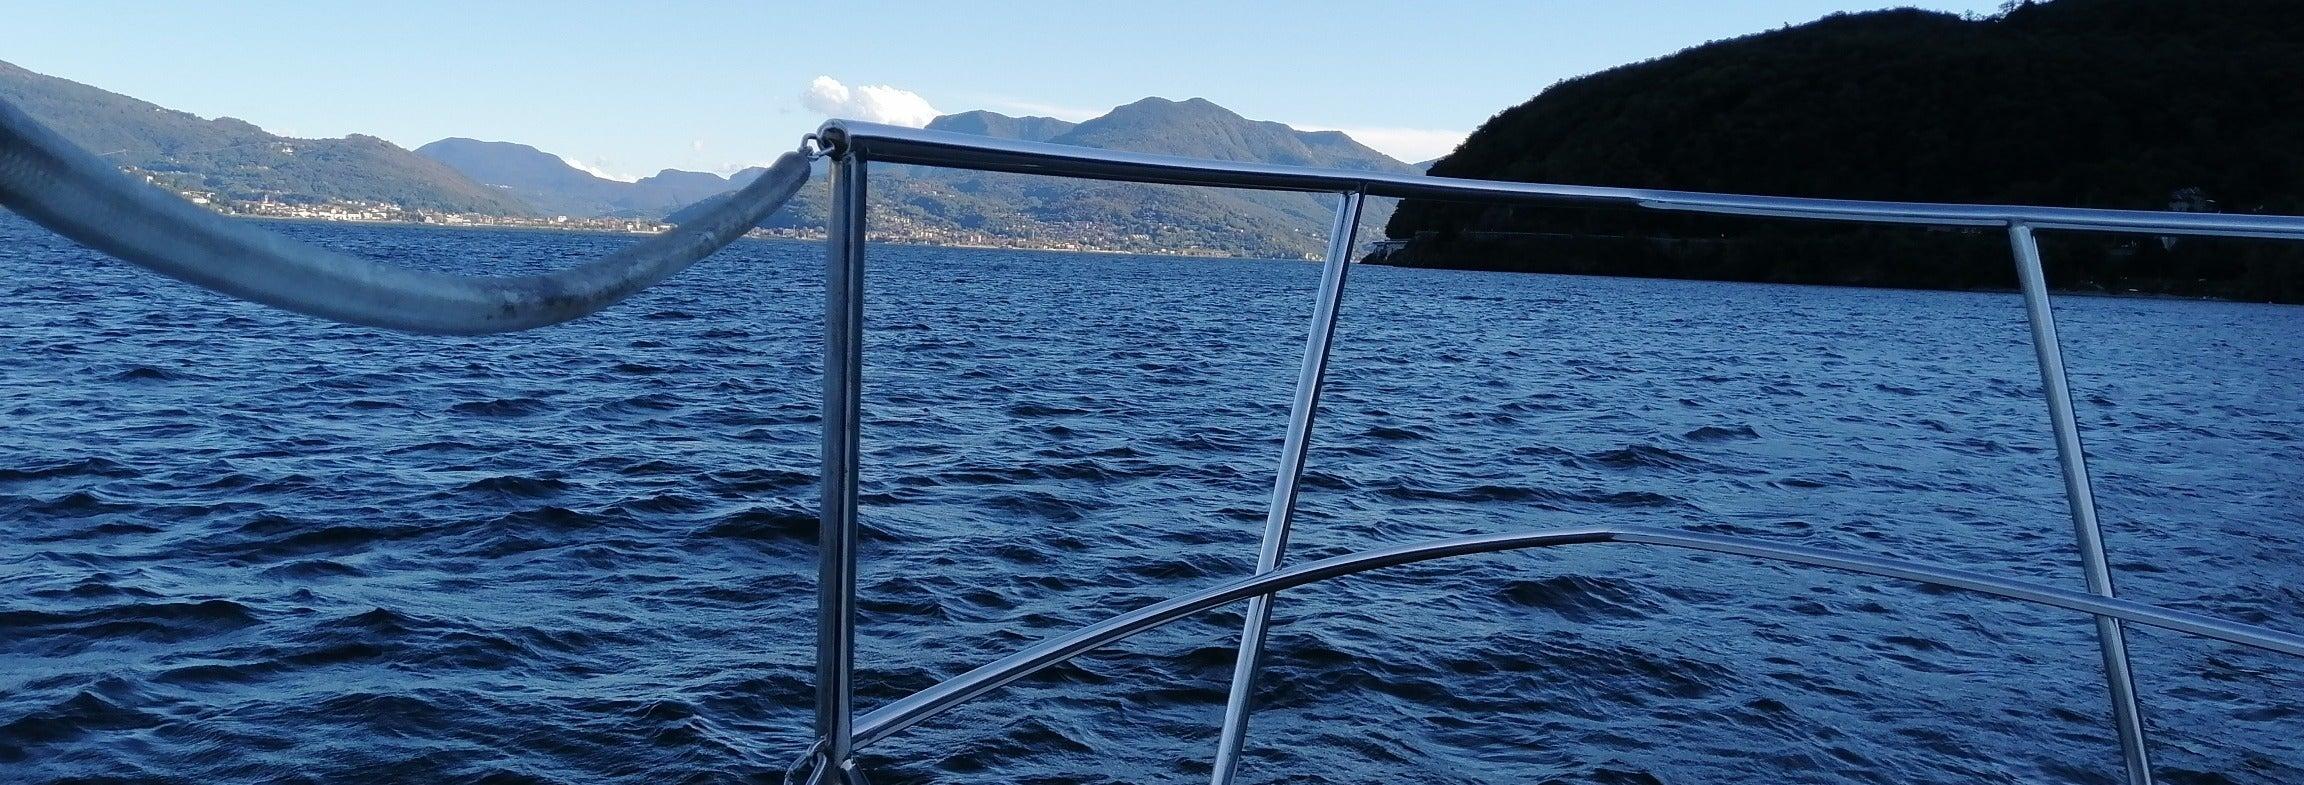 Paseo en barco por el lago Mayor al atardecer